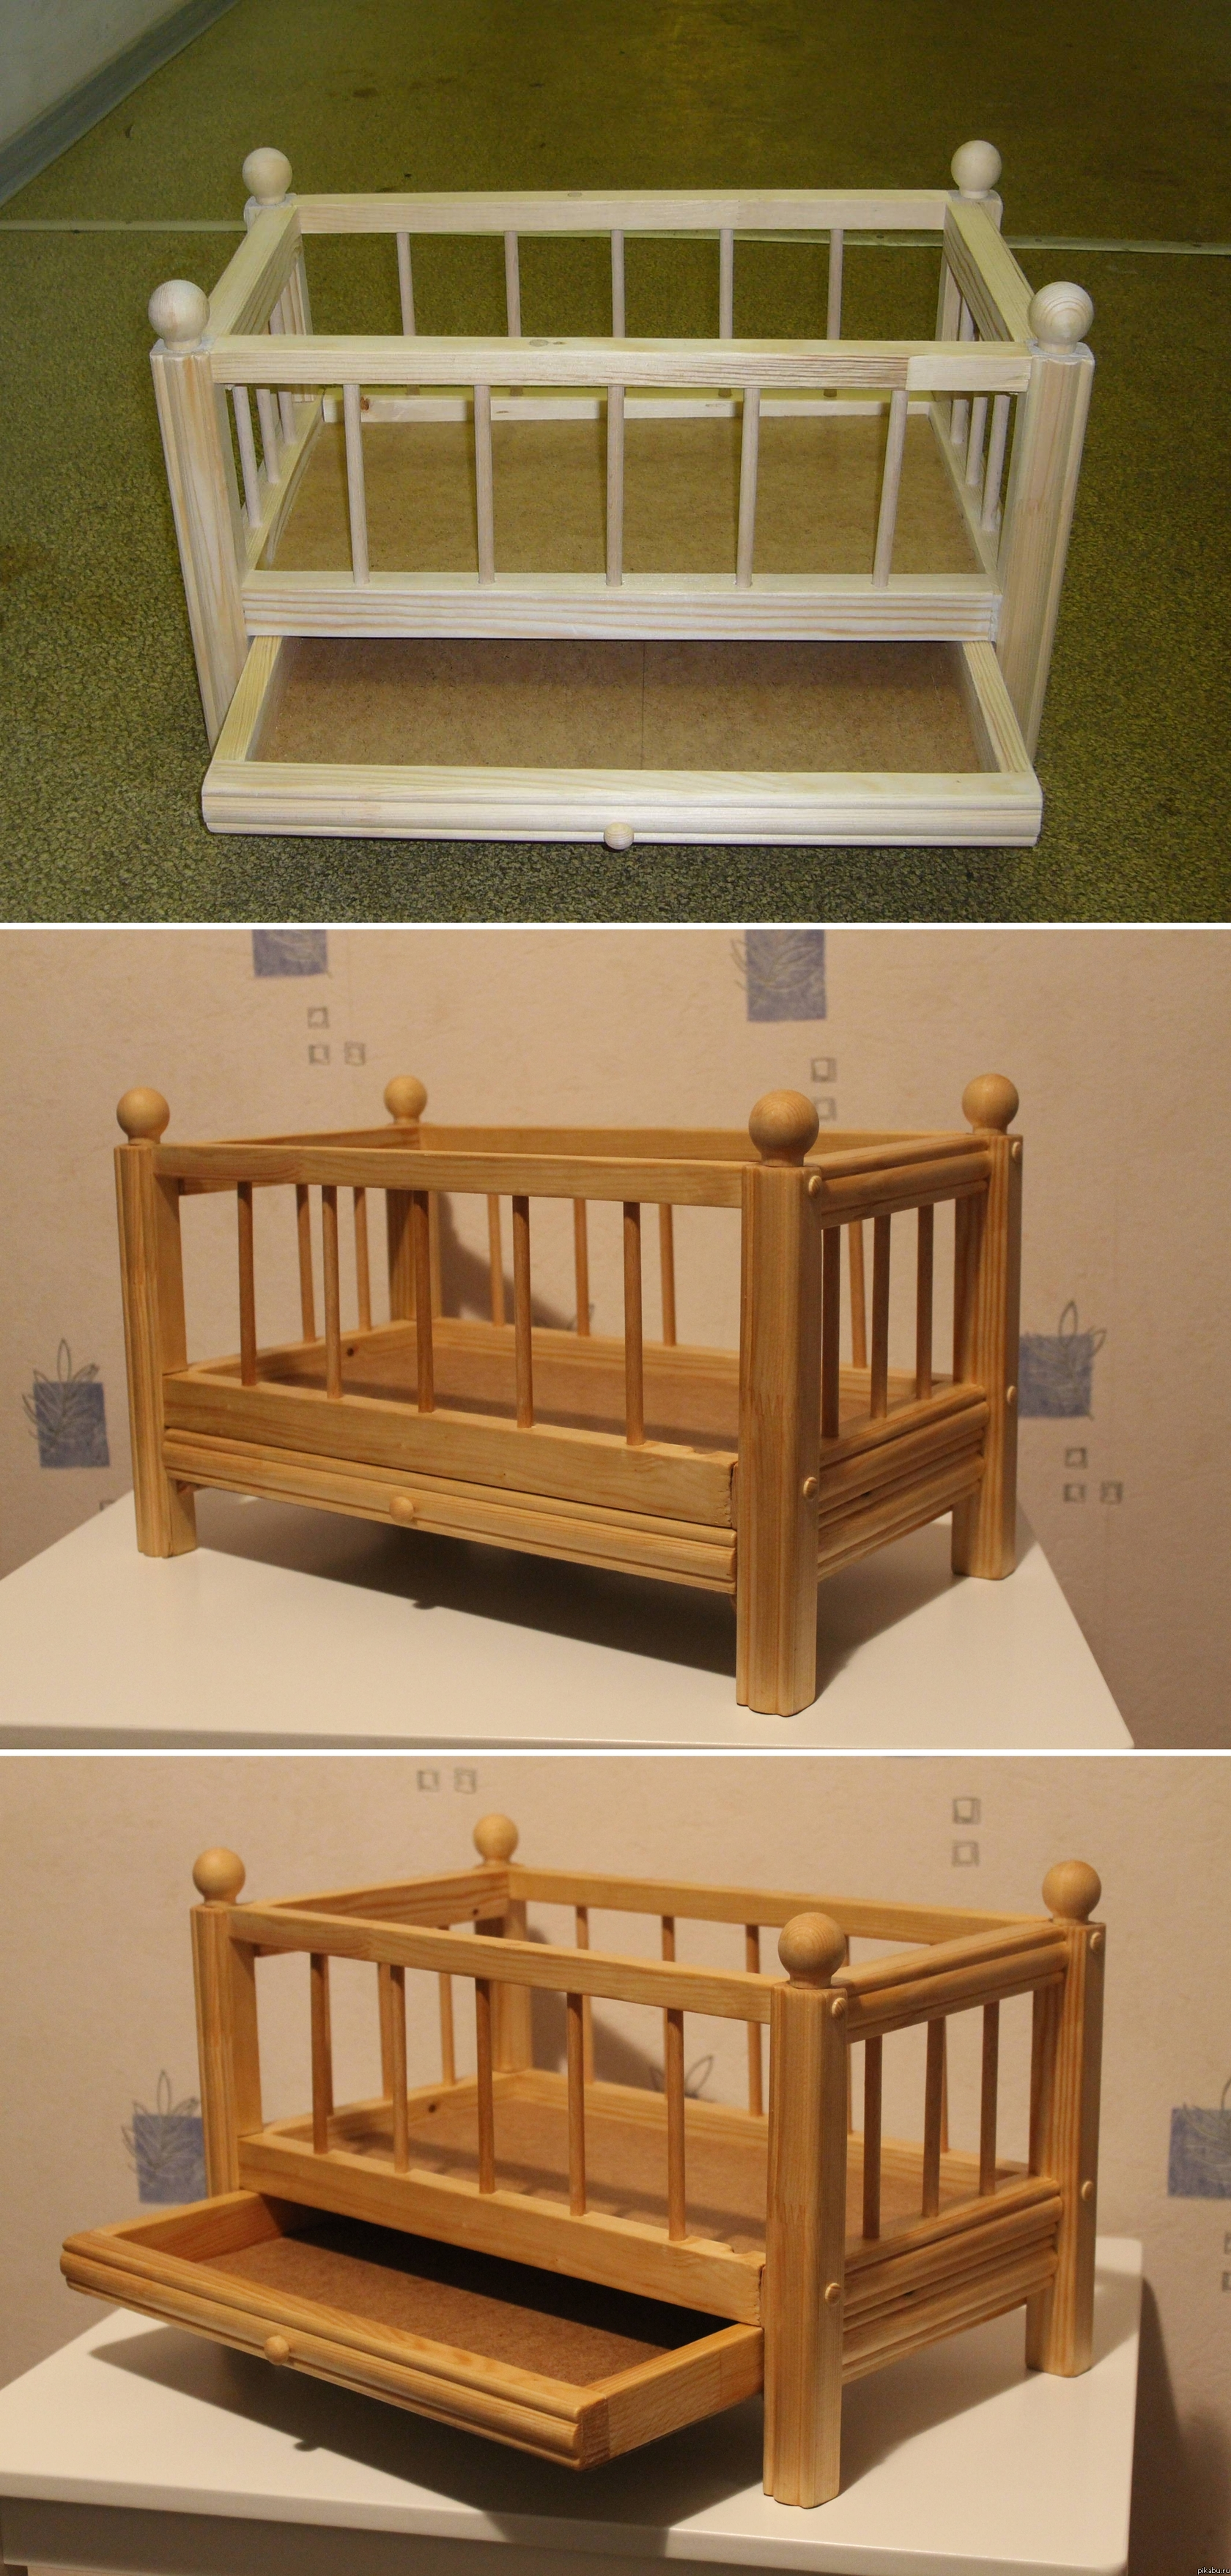 Кровать для куклы. Как сделать кровать для куклы своими руками? 31